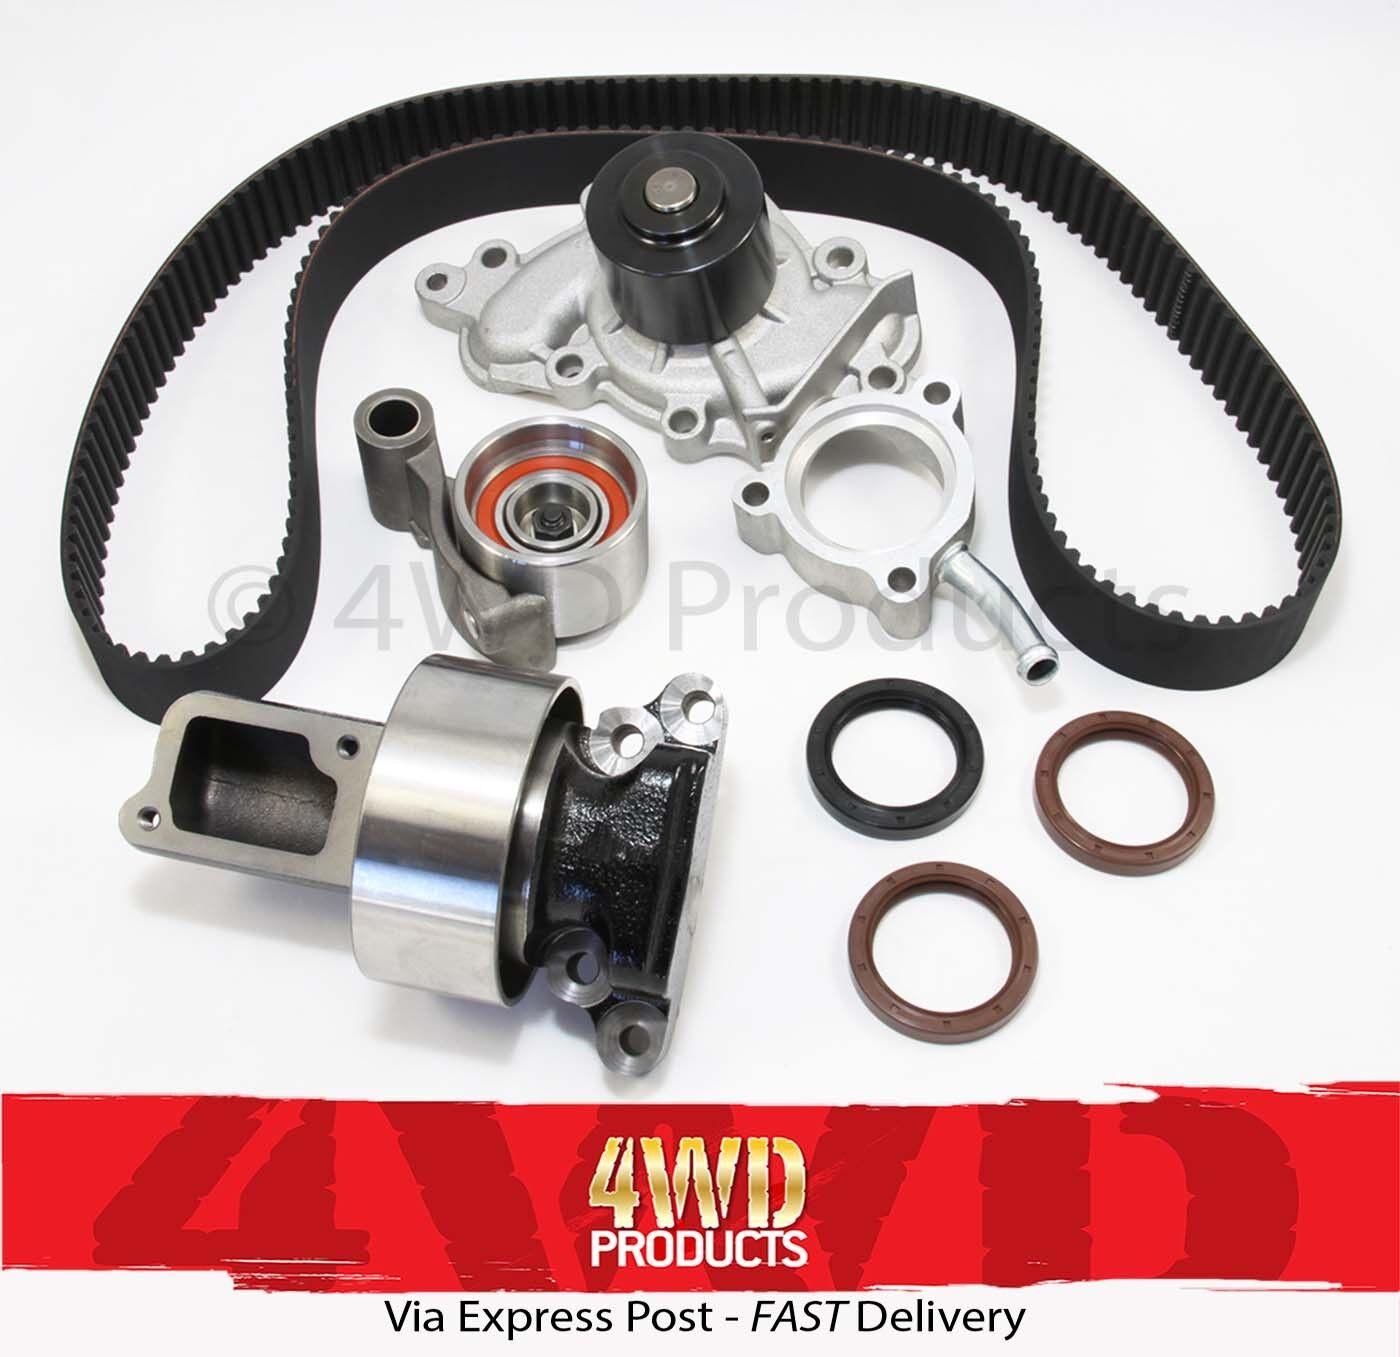 water pump timing belt kit toyota 4runner vzn130 3 0 v6 92 96 water pump timing belt kit toyota 4runner vzn130 3 0 v6 92 96